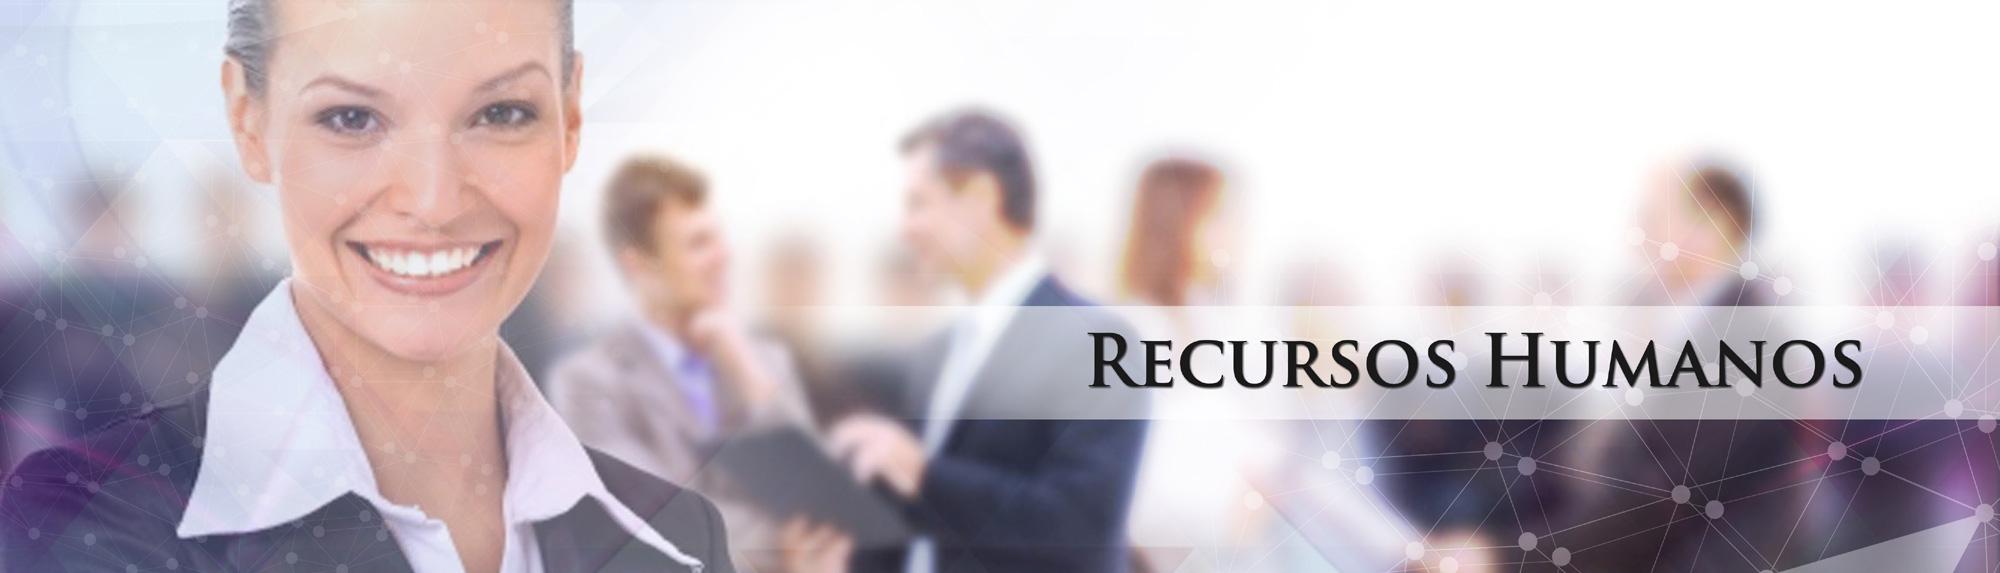 ucb_recursos_humanos_fit